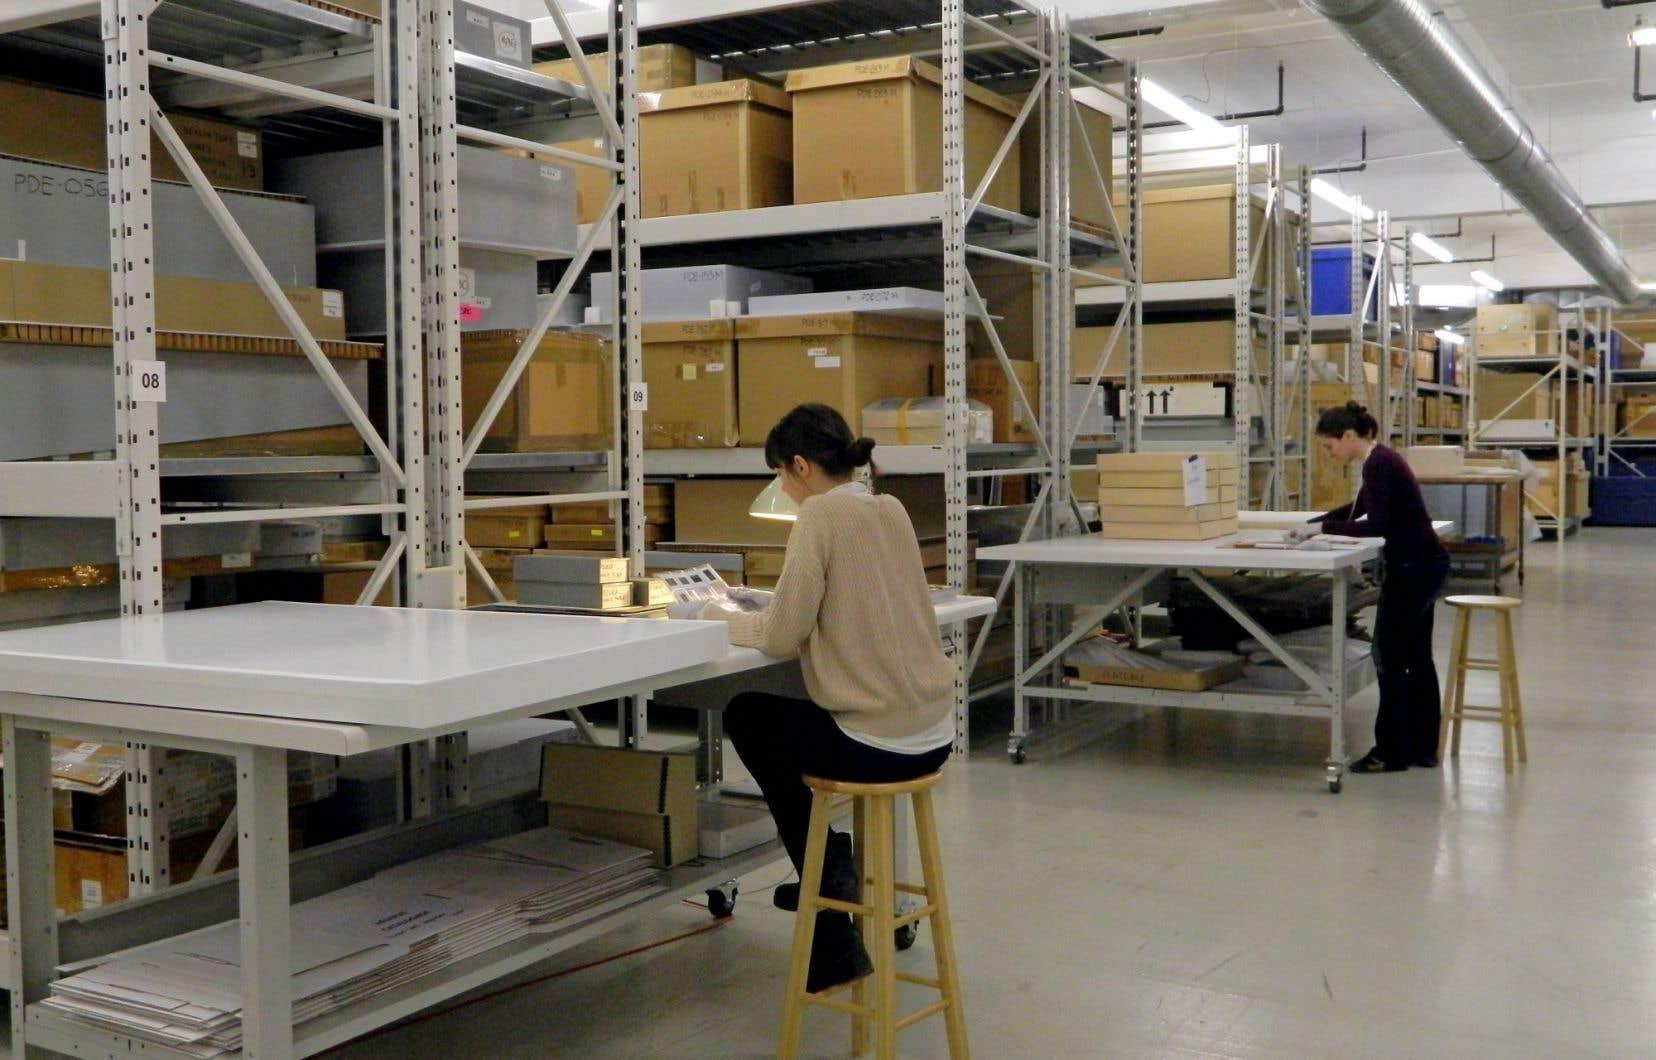 Réserve du Centre canadien d'architecture au Centre des collections muséales de Montréal. L'espace accueille archivistes et chercheurs.